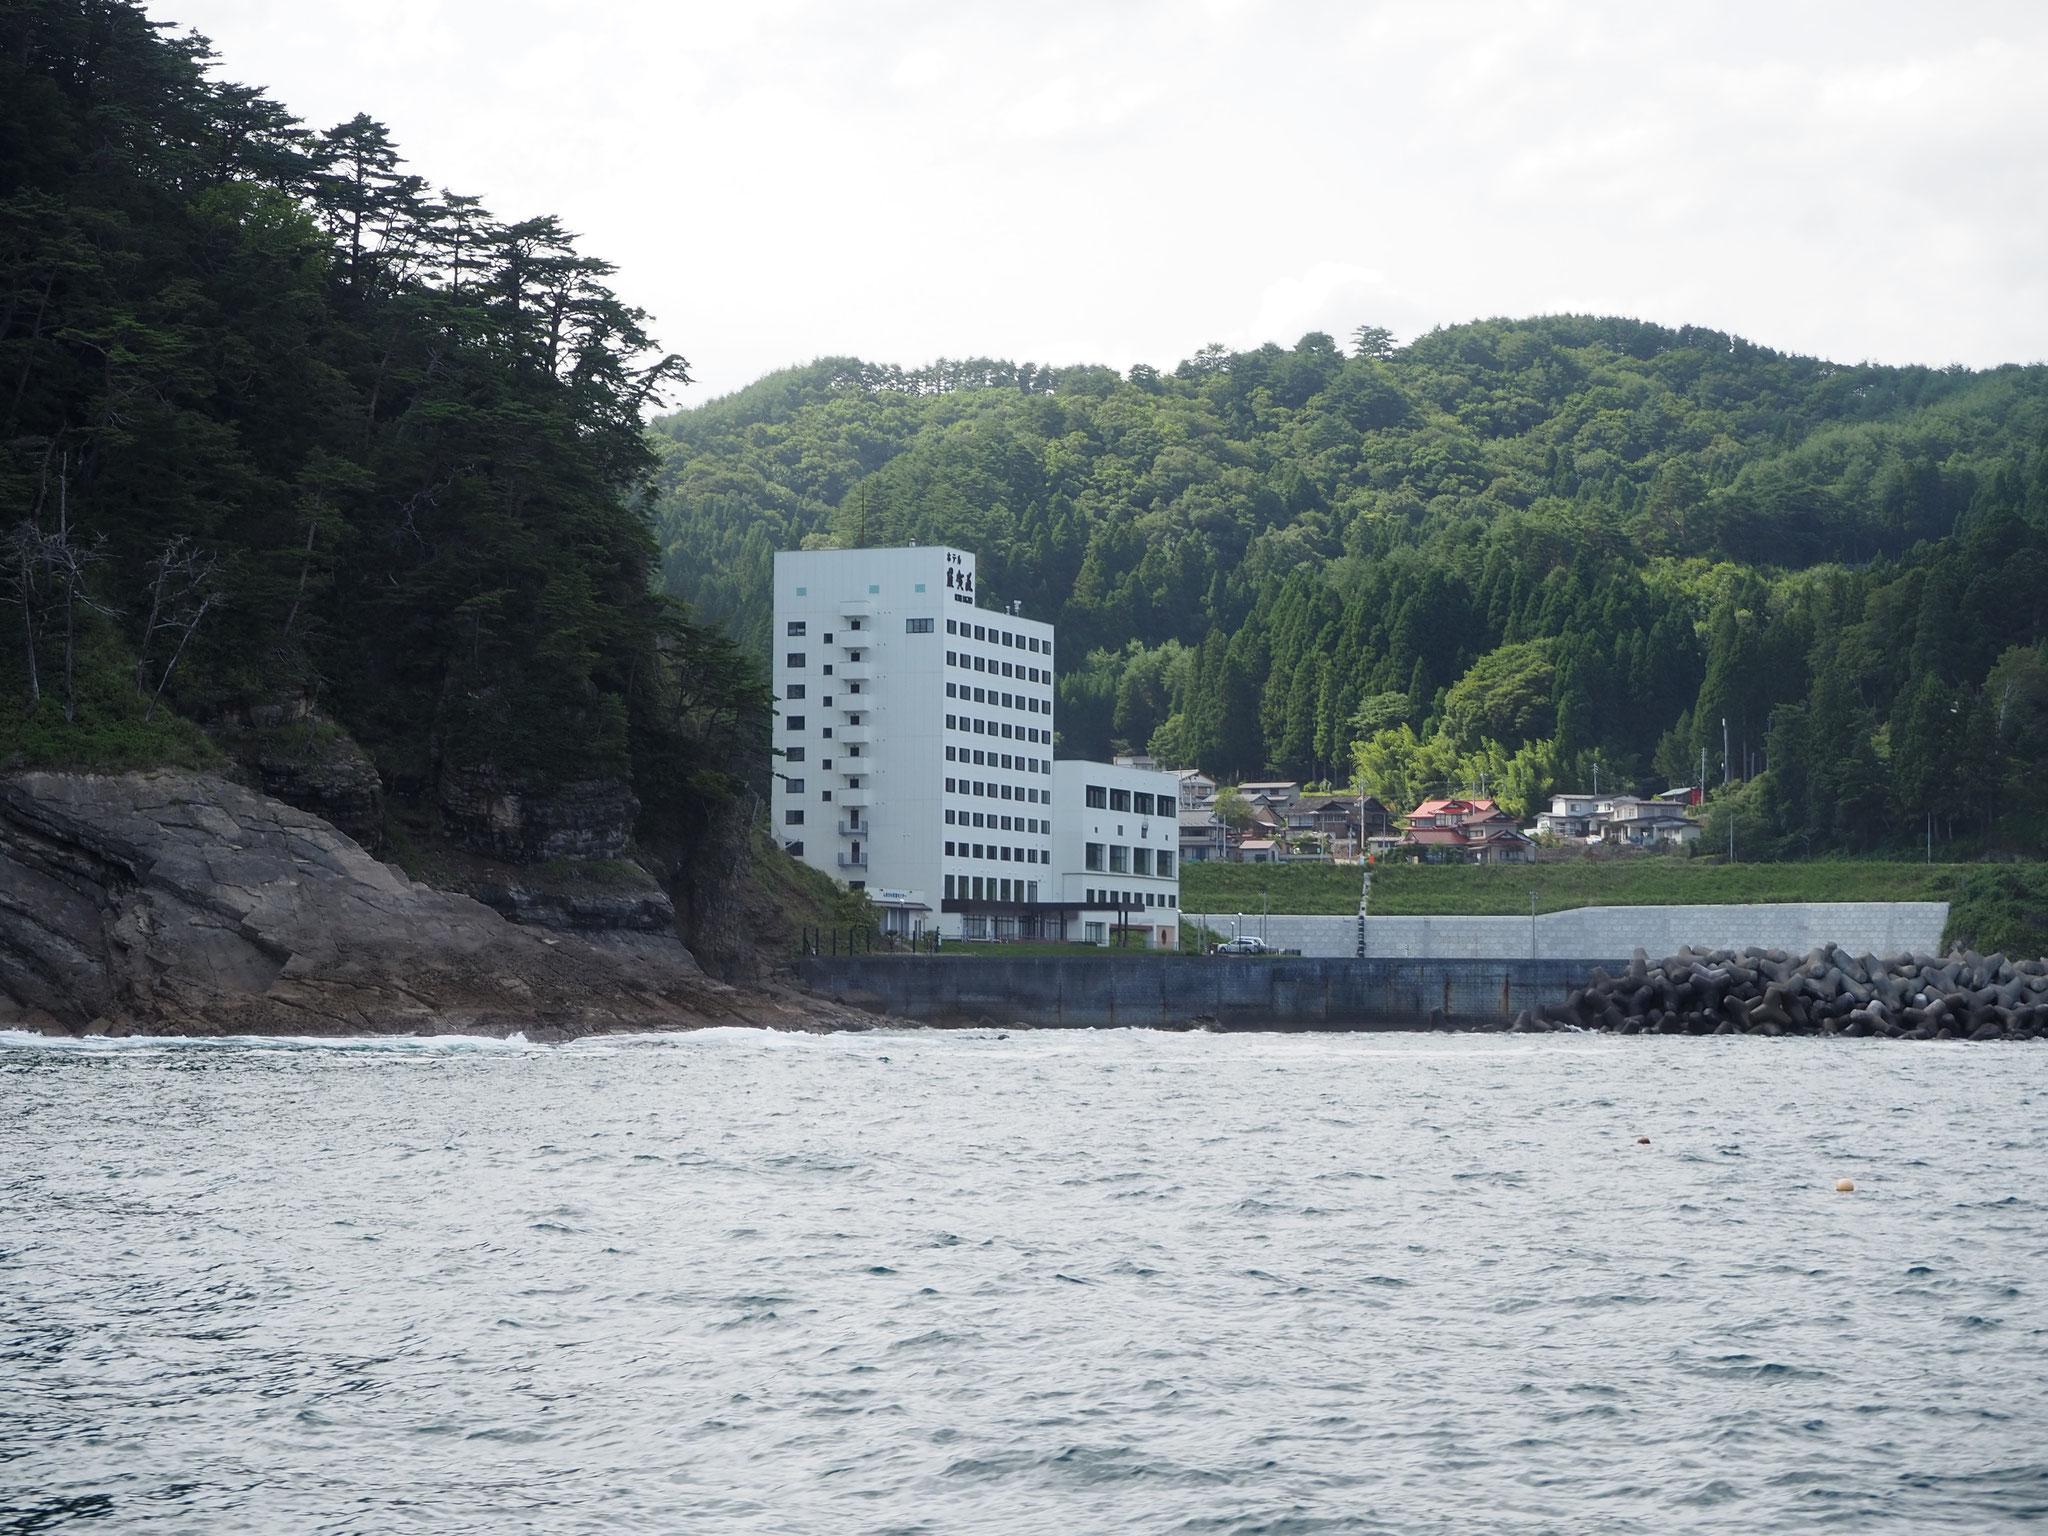 北山崎断崖クルーズ。白い建物が今夜泊まるホテル羅賀荘